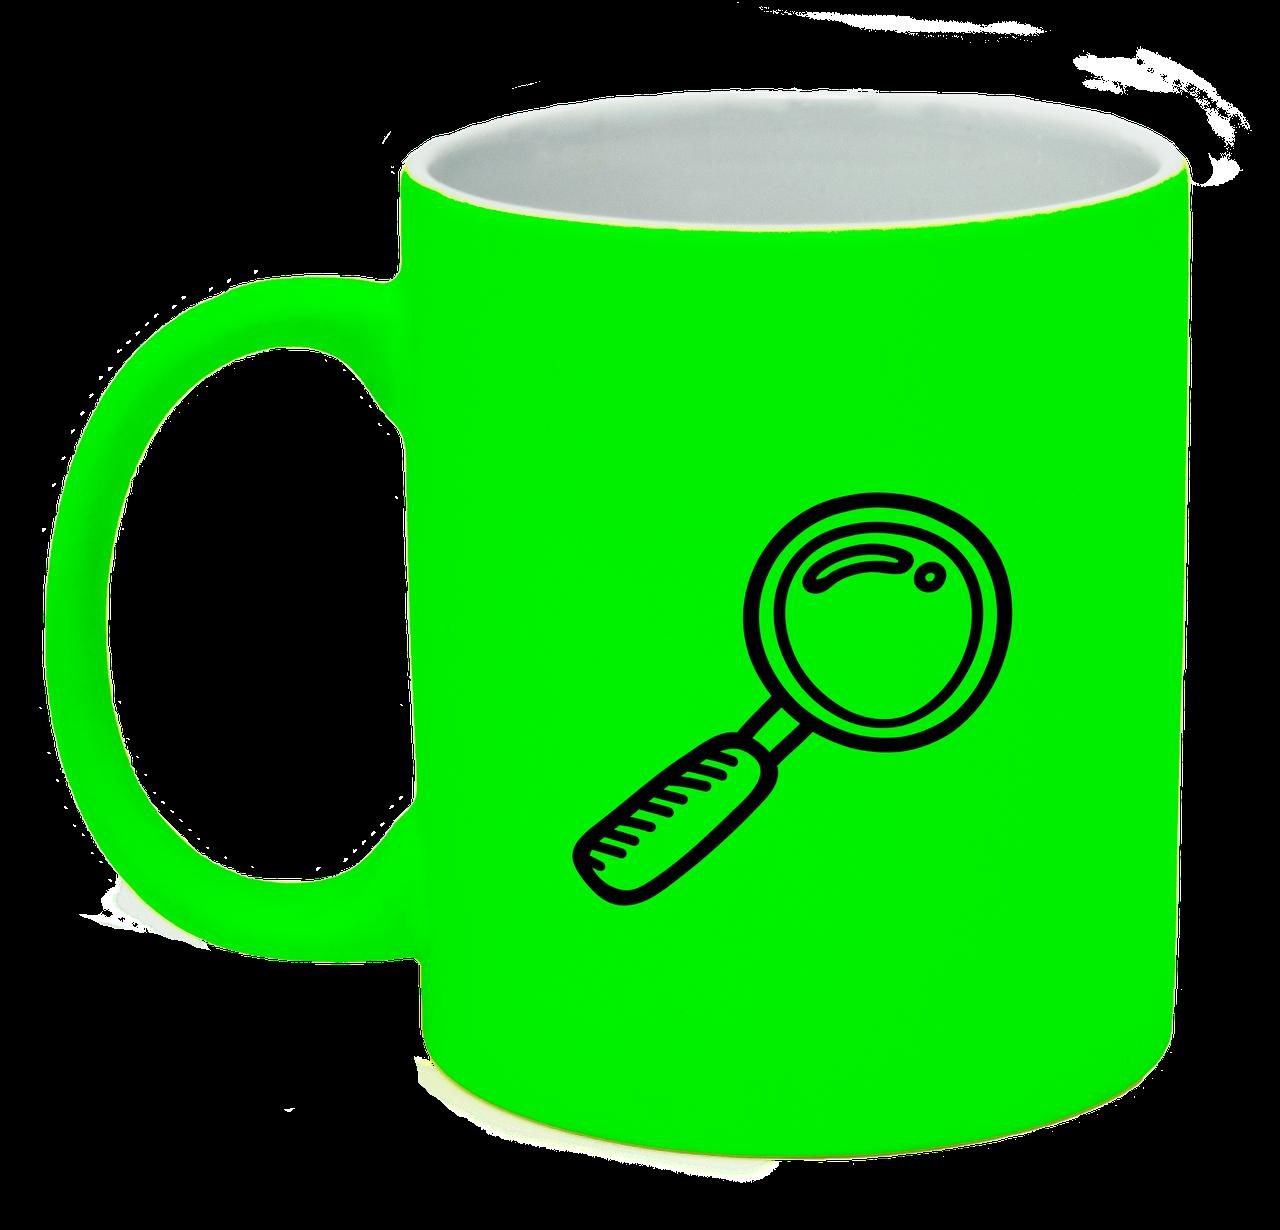 Неоновая матовая чашка Исследователь, ярко-зеленая